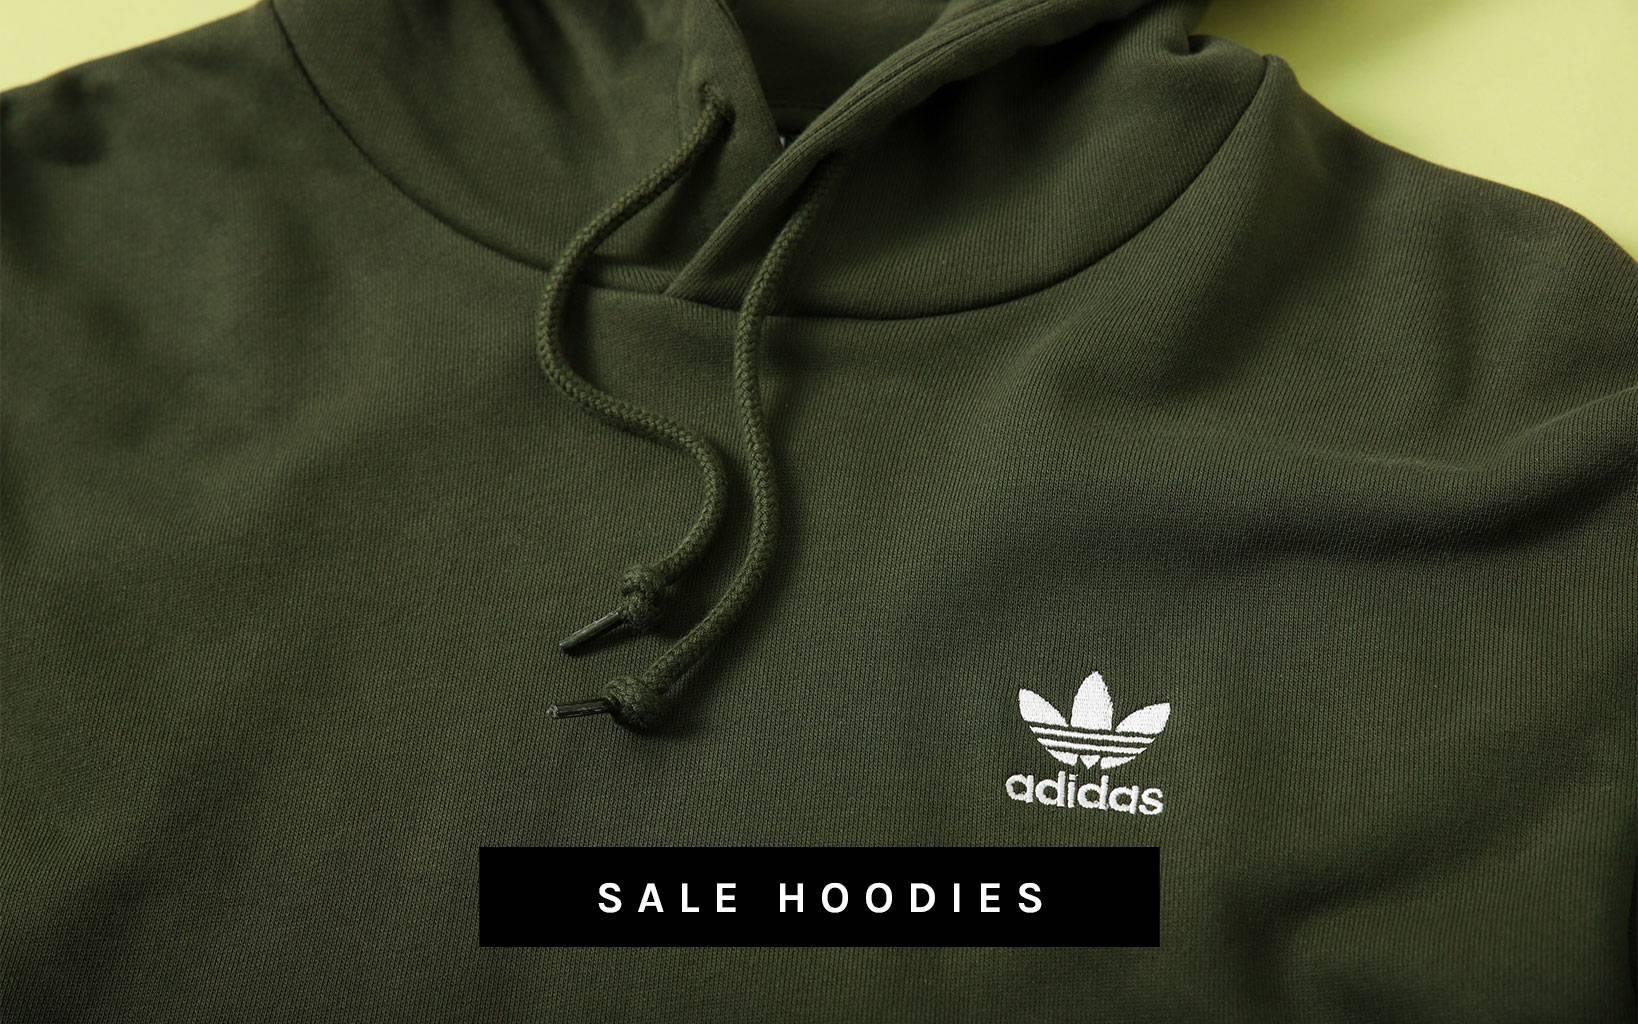 Sale Hoodies & sweaters